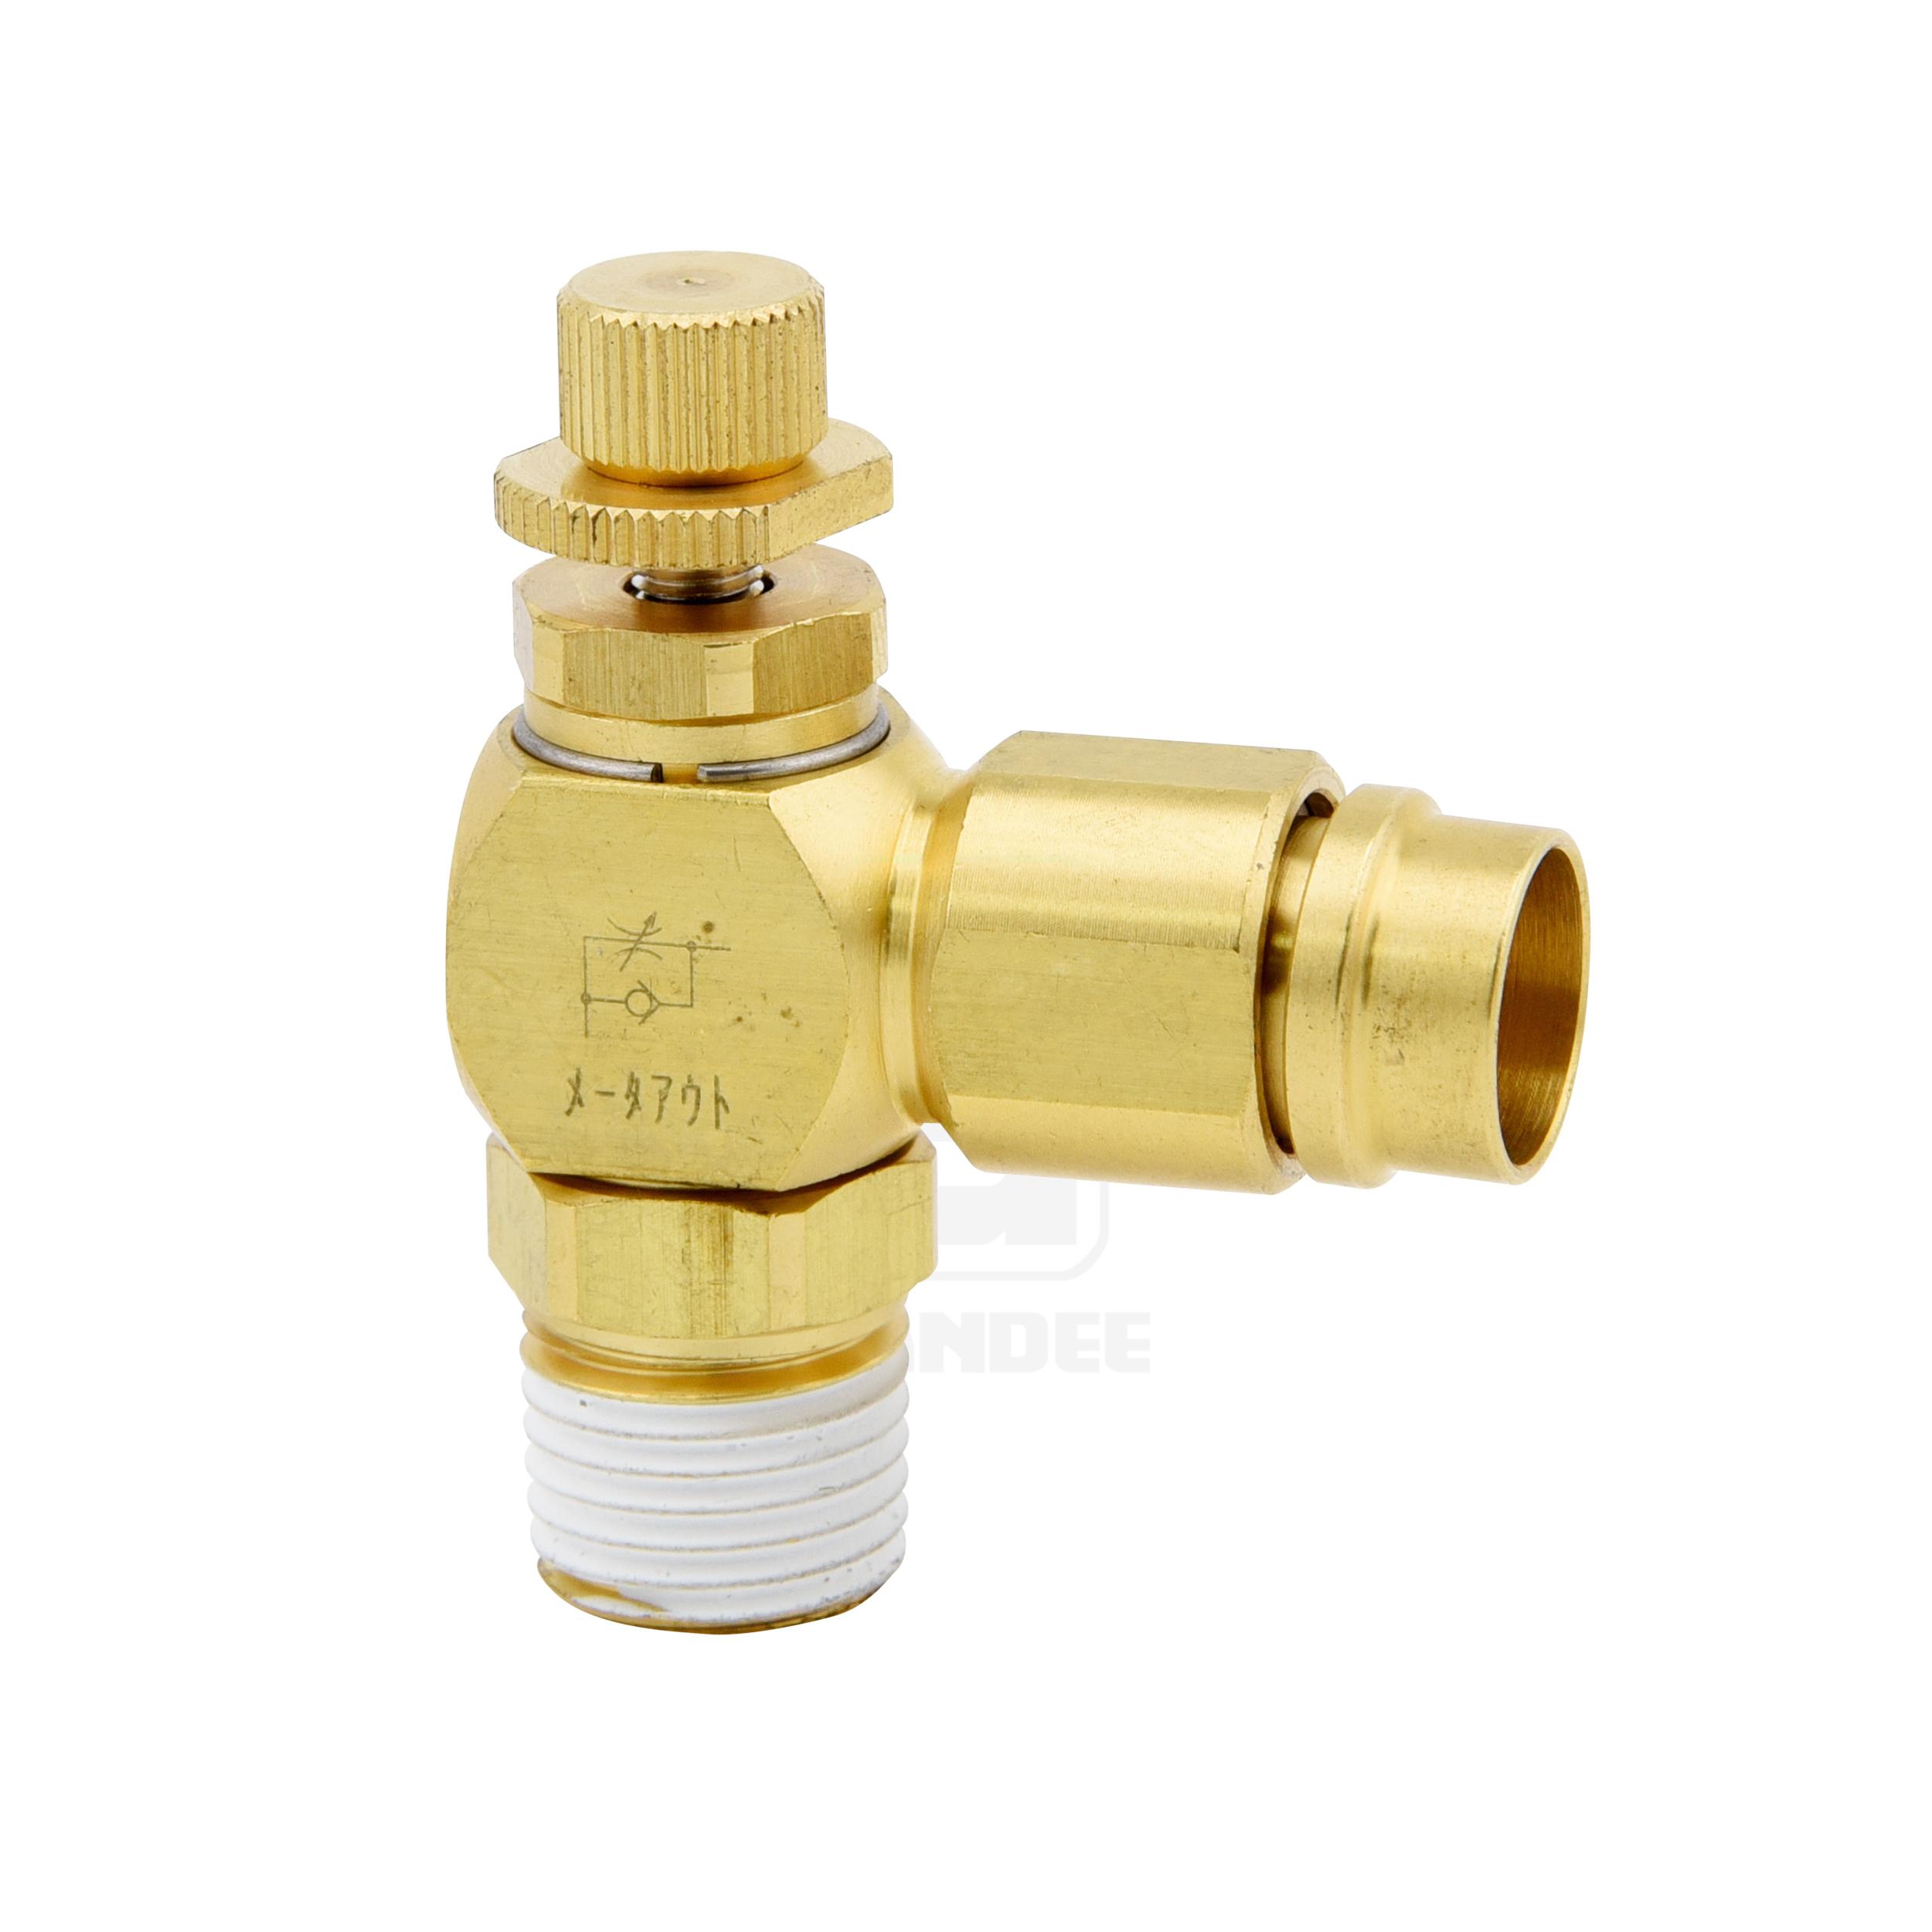 ข้อต่อฟิตติ้งปรับความเร็วลมทองเหลือง (C-ring+Cover) Touch connector fuji h type